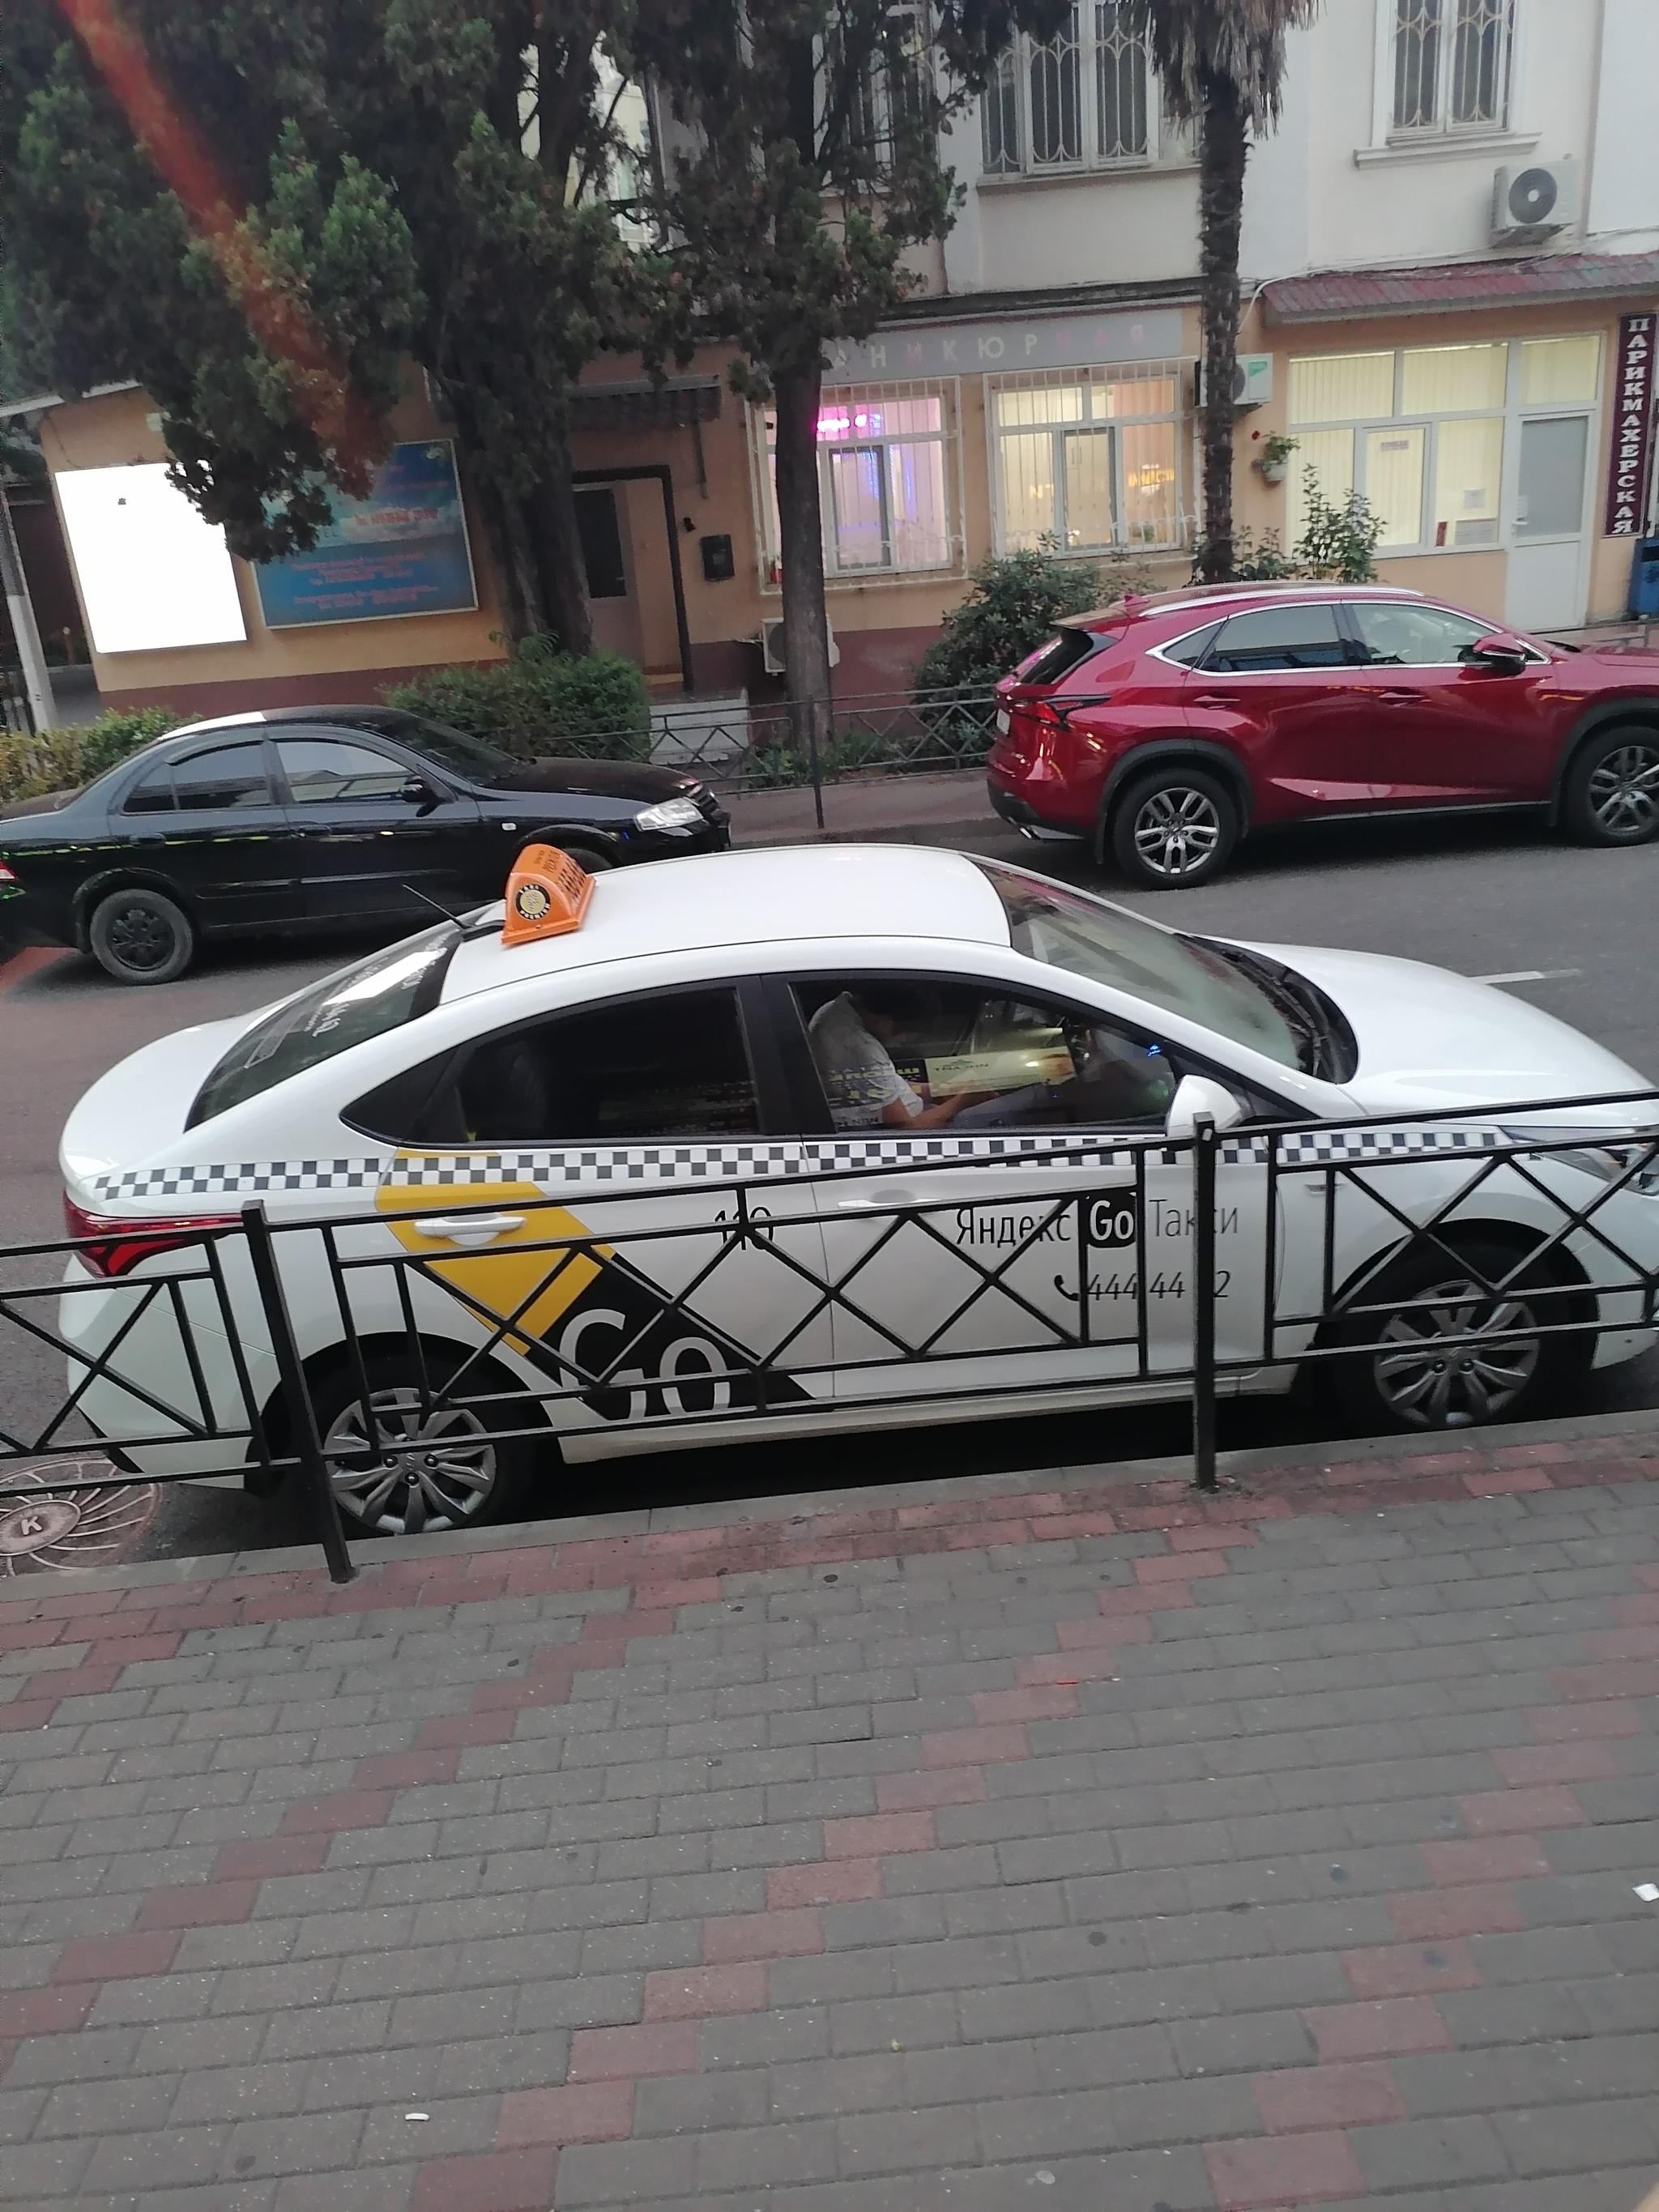 Сочи устал уже два часа в таком положении)))